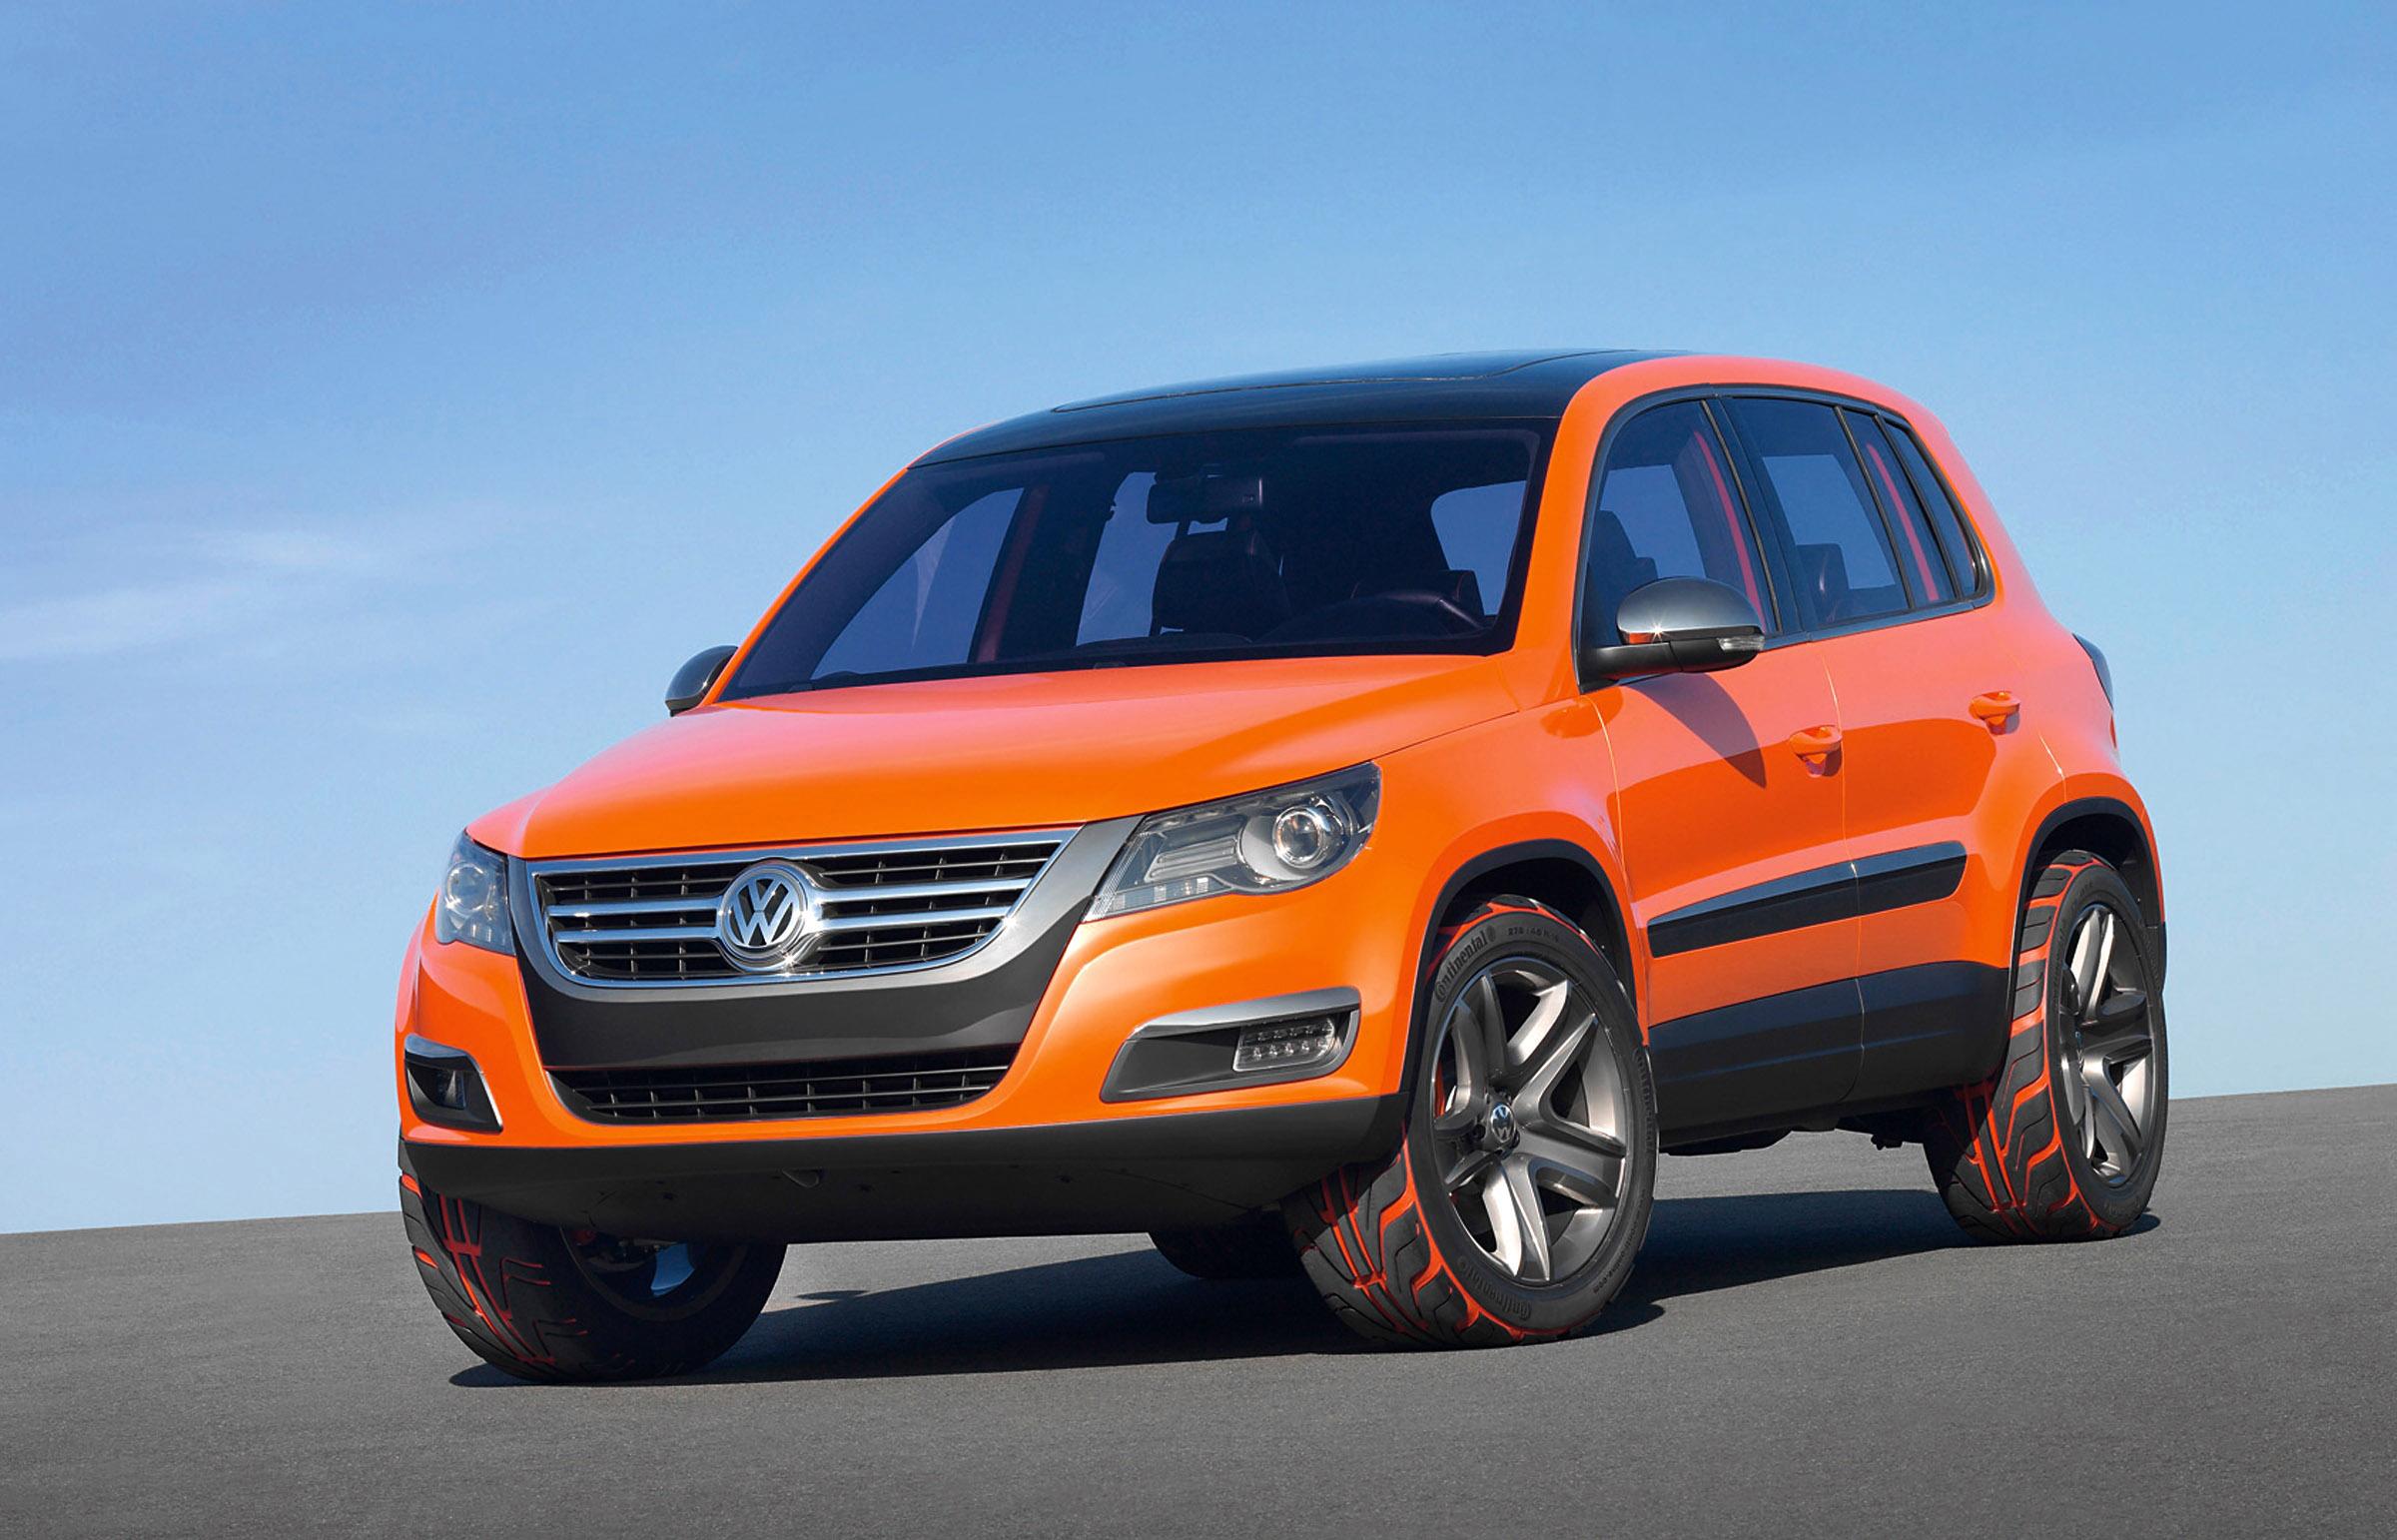 2006 Volkswagen Tiguan Concept Hd Pictures